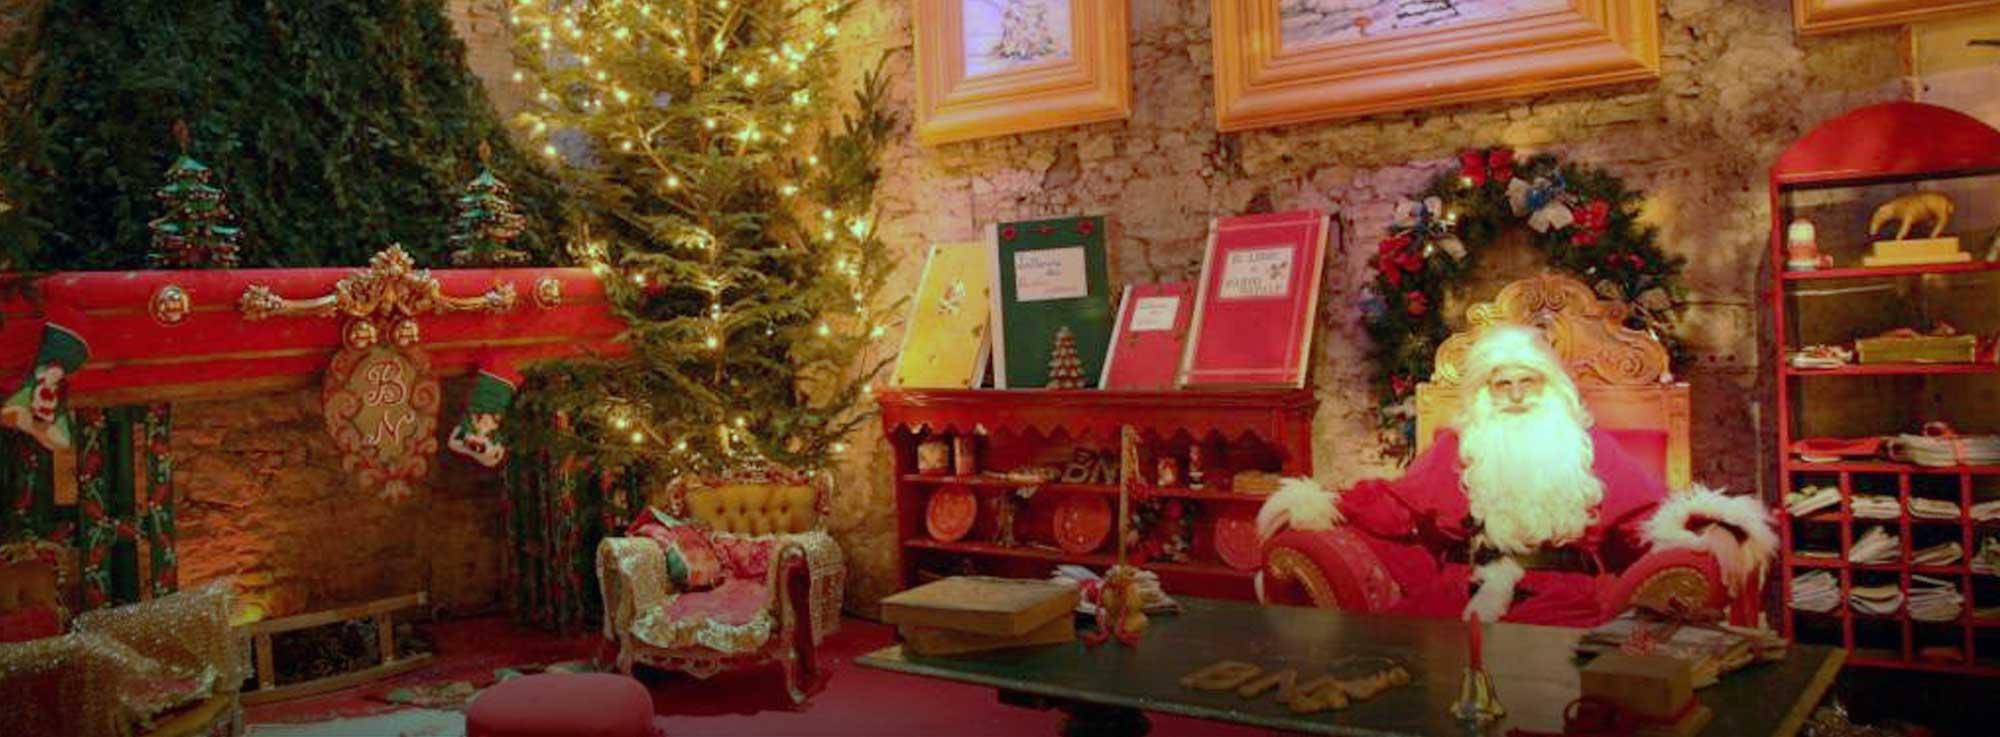 Castelluccio Valmaggiore: La Casa di Babbo Natale